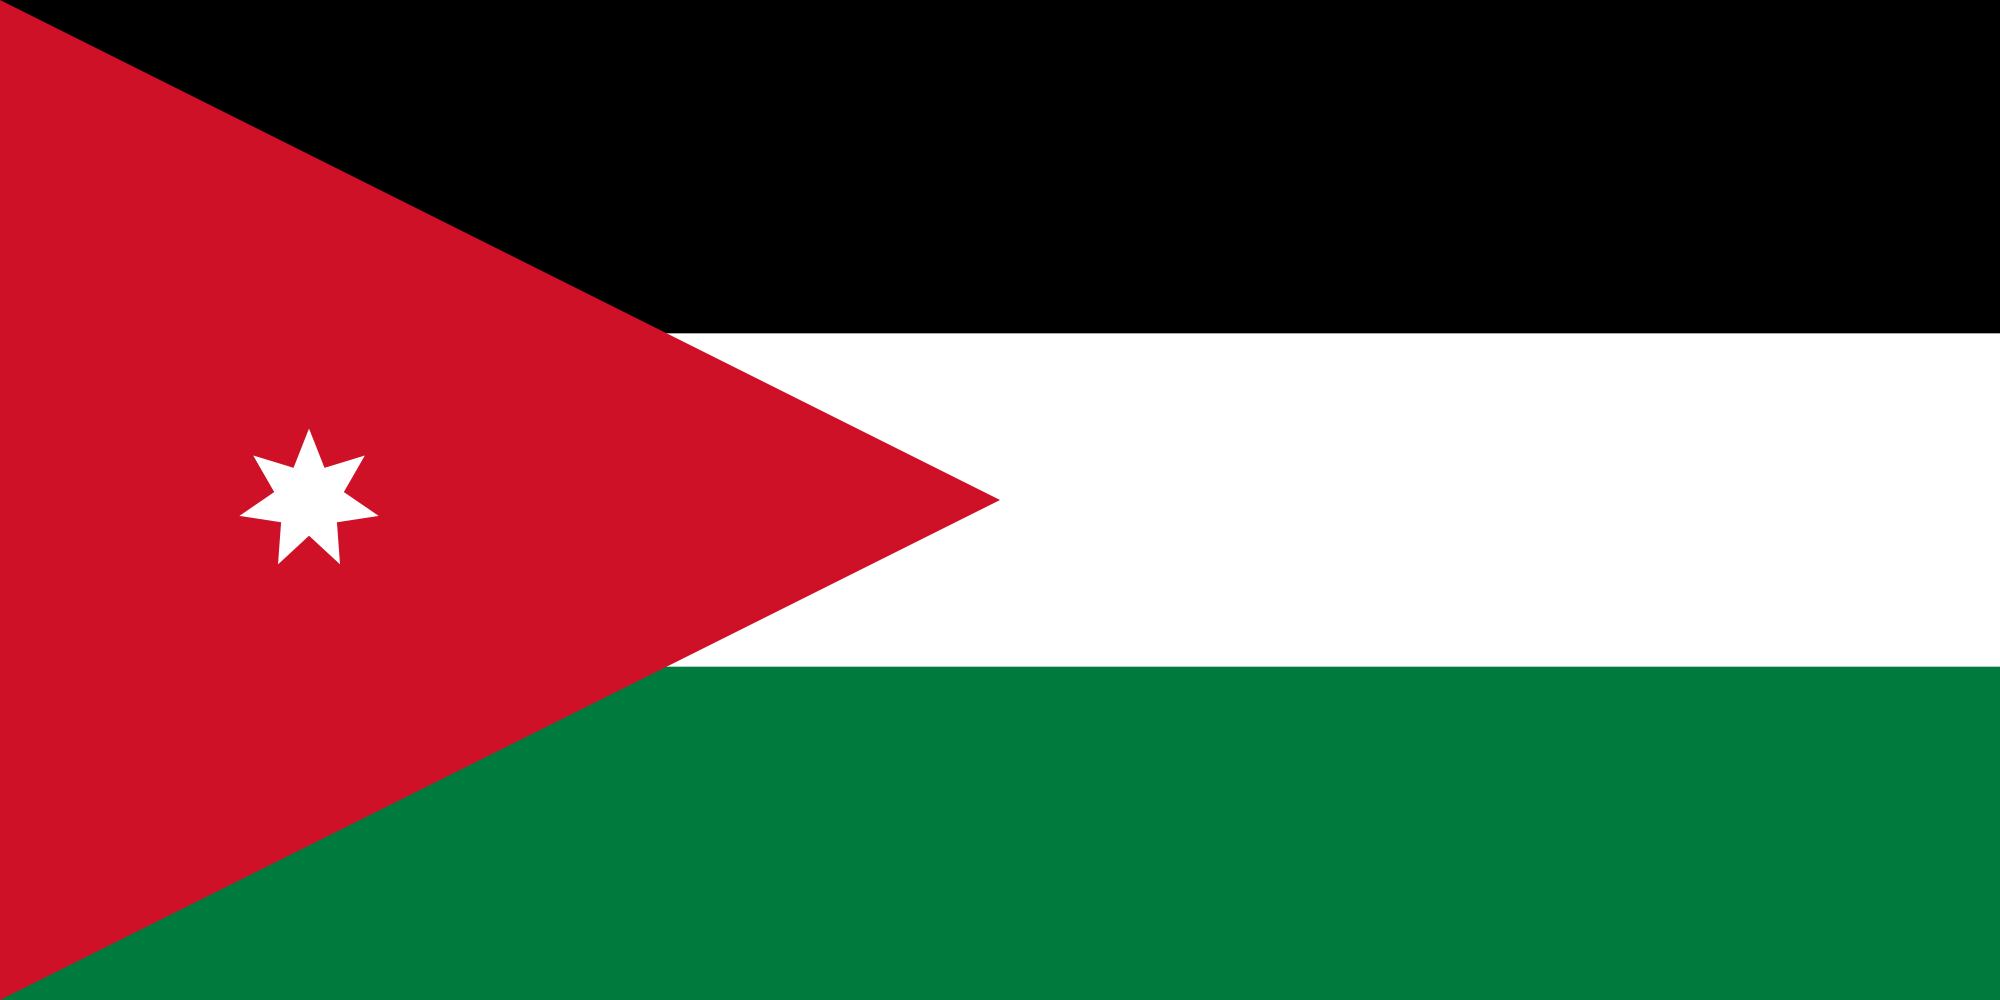 التجربة التعاونية في مملكة الأردن